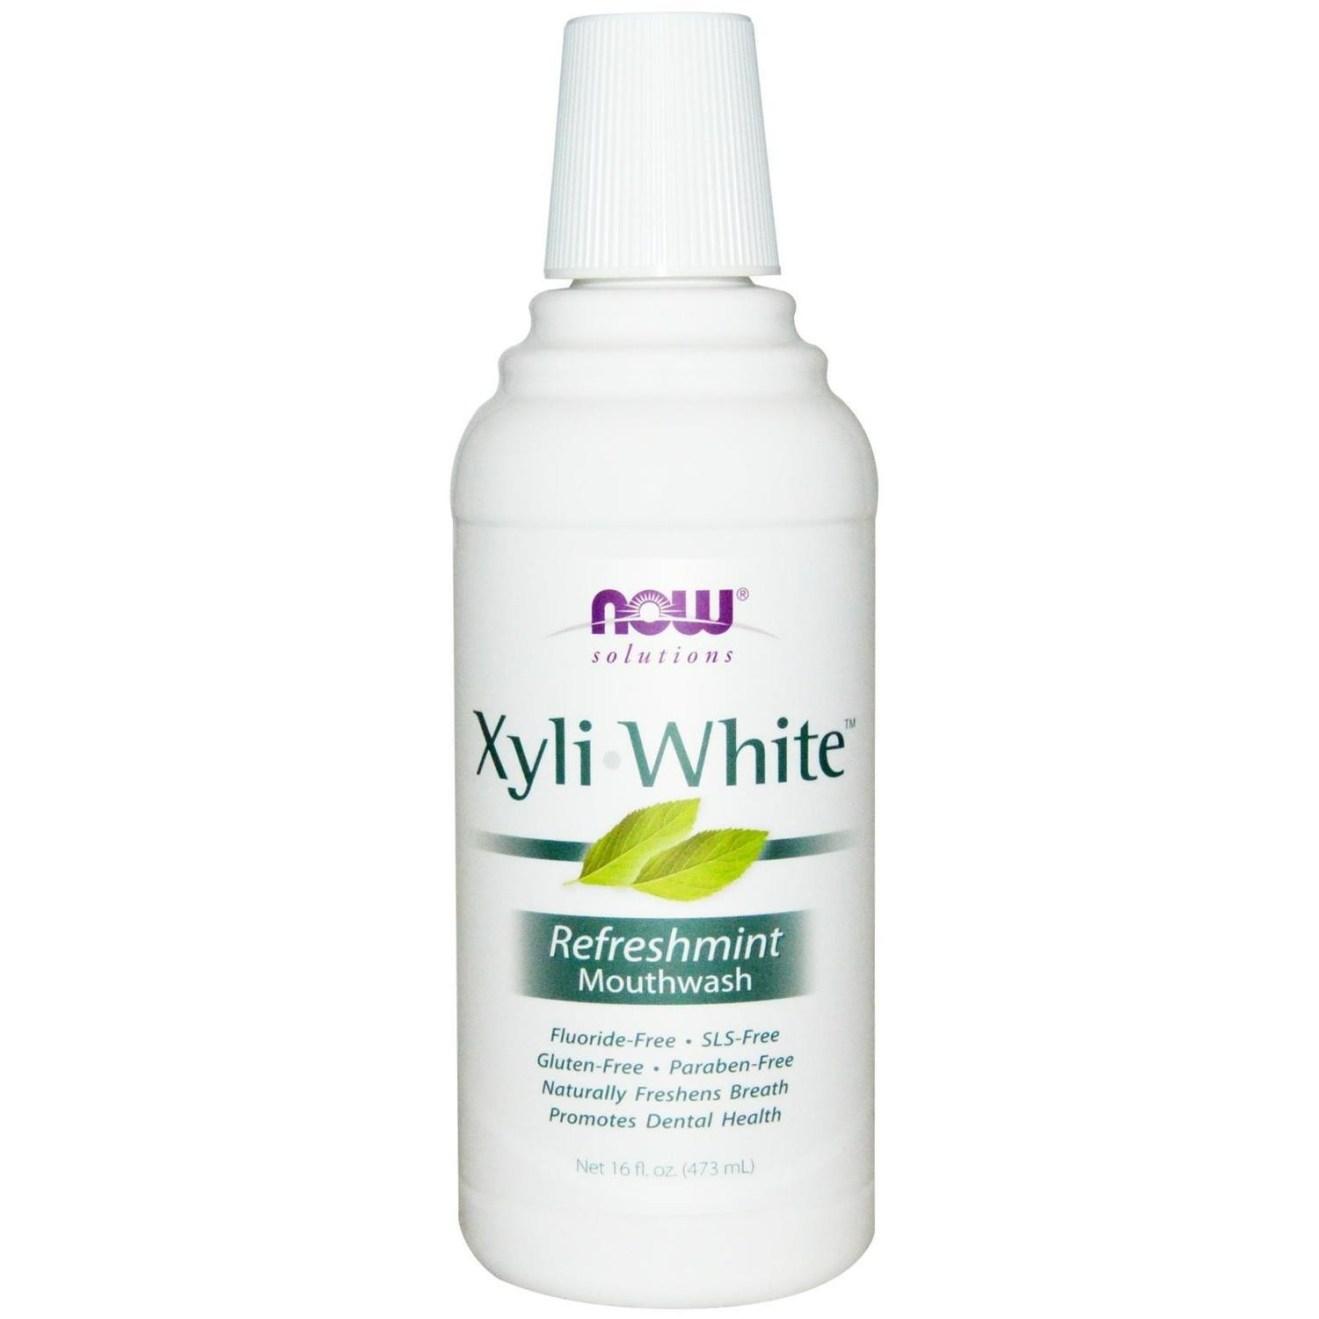 Xyliwhite™ Refreshmint Mouthwash - 16 oz.